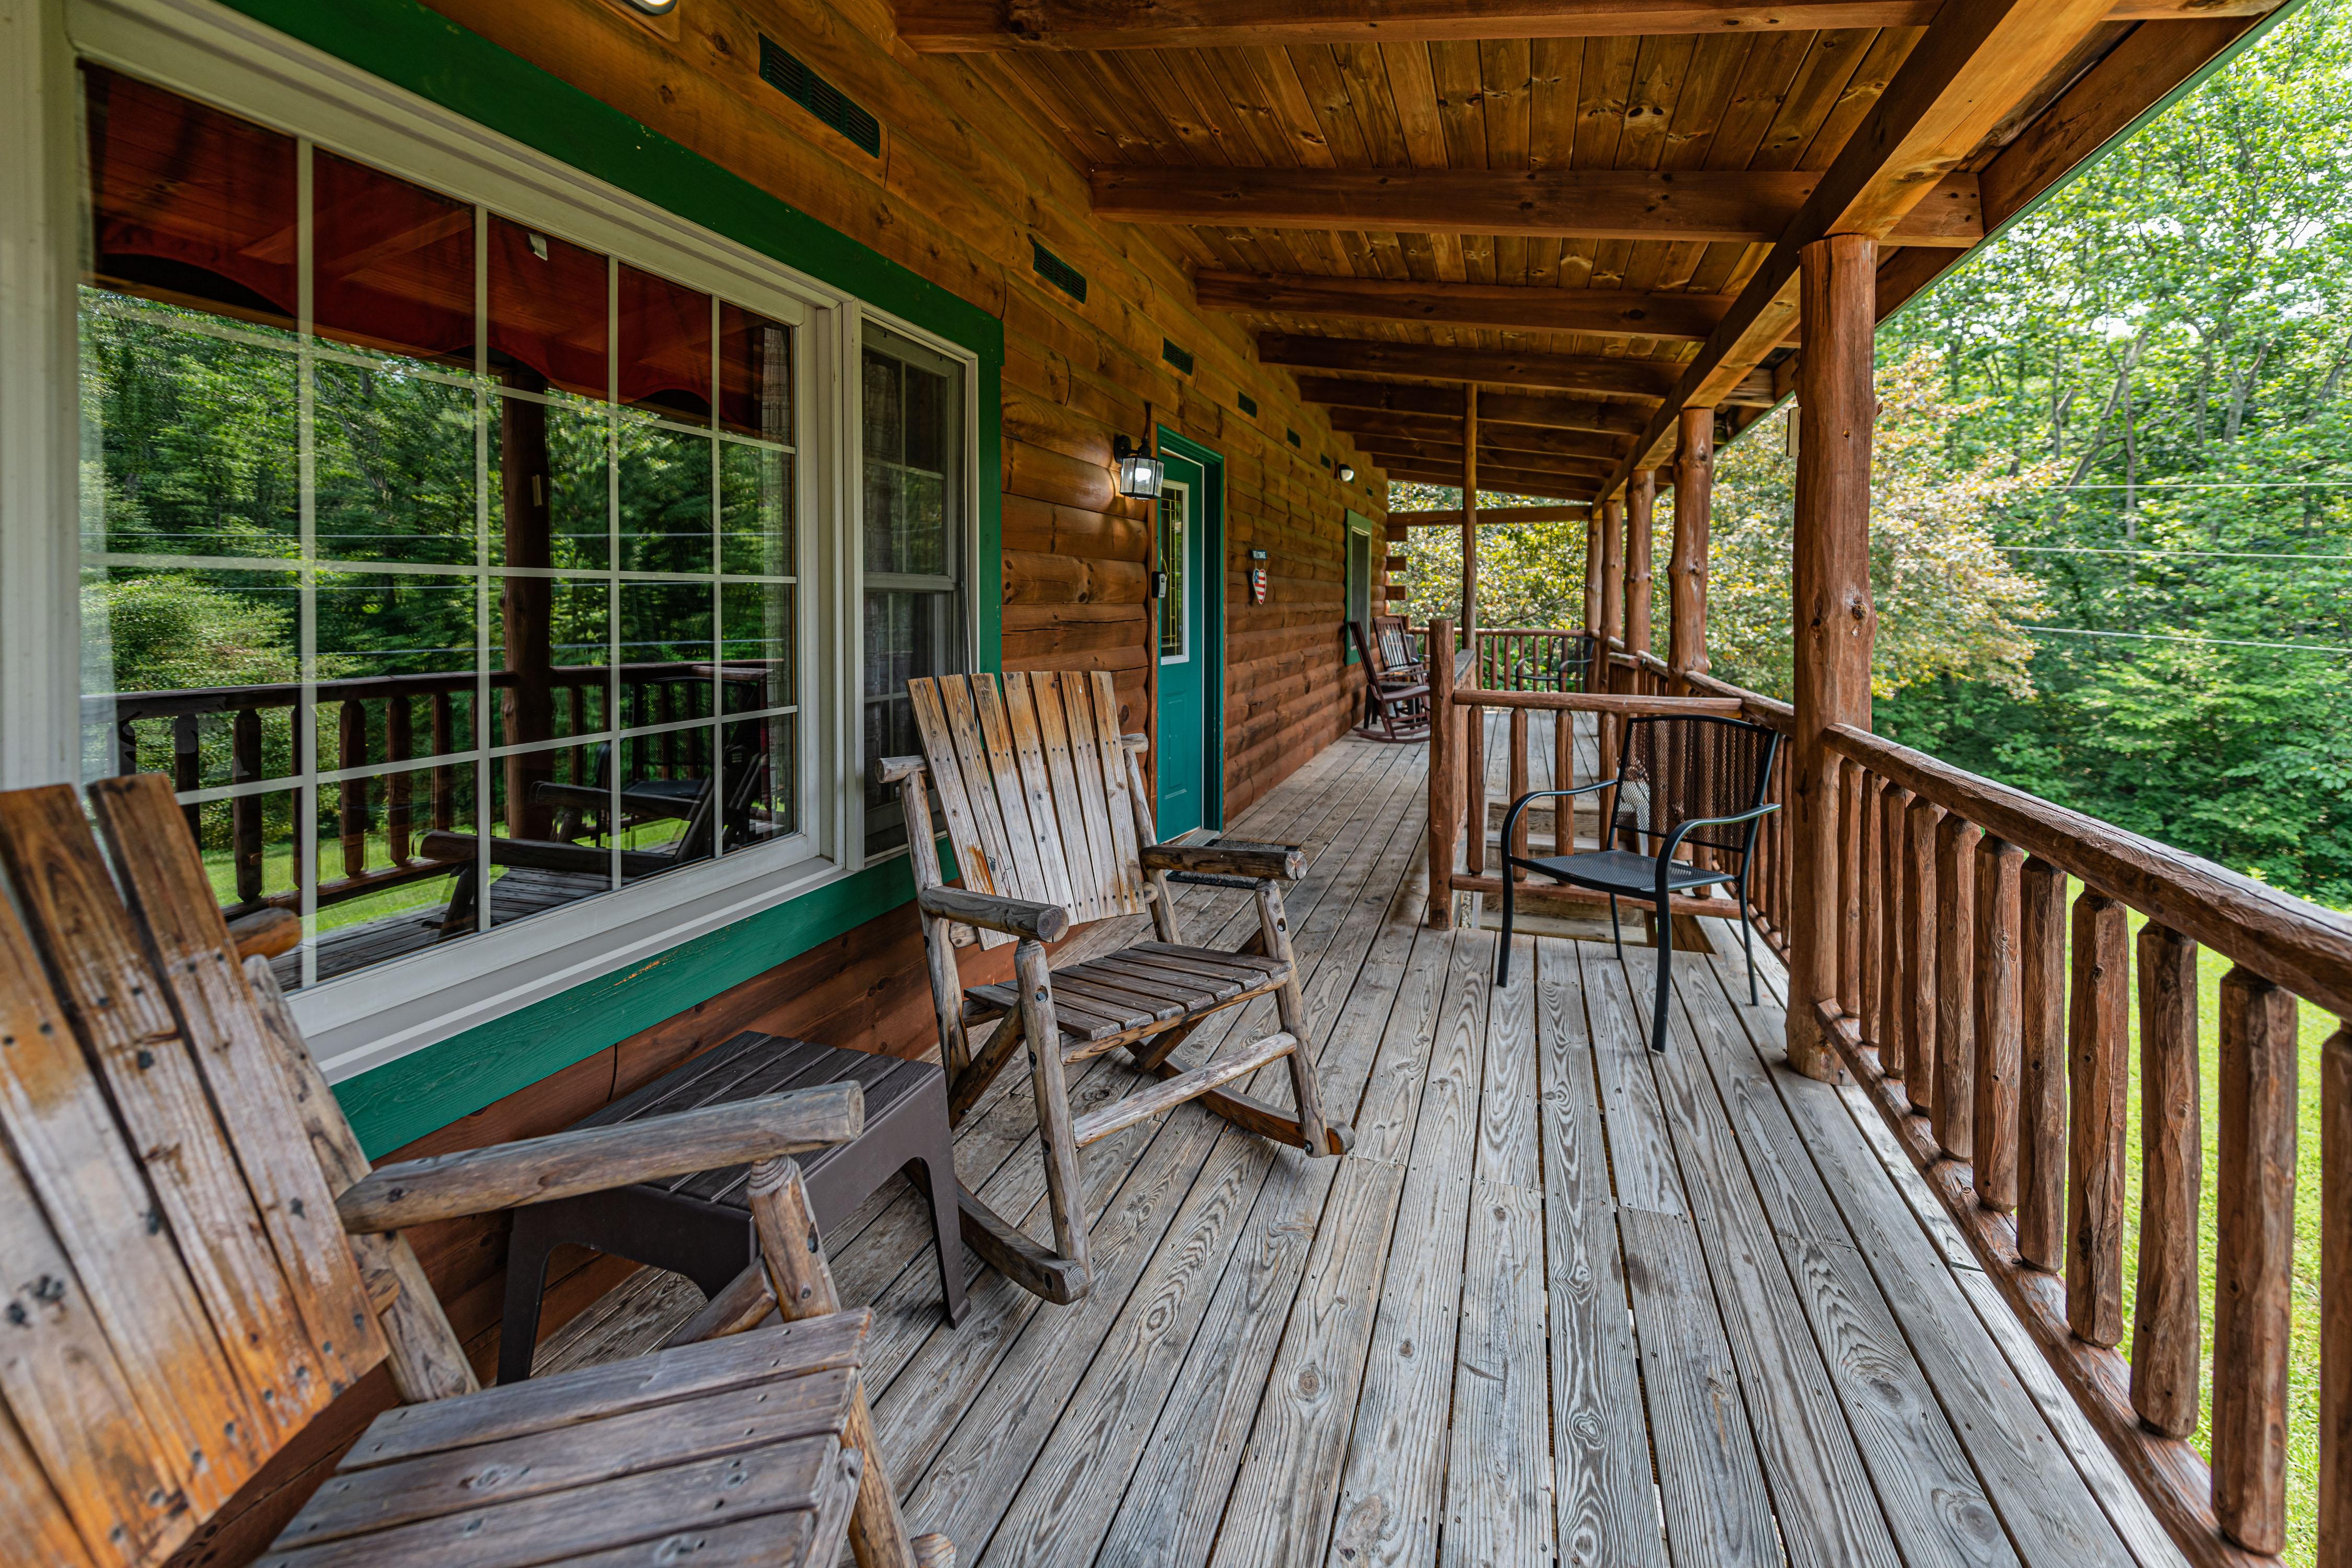 Photo 2006_11753.jpg - Sunrise Lodge Porch